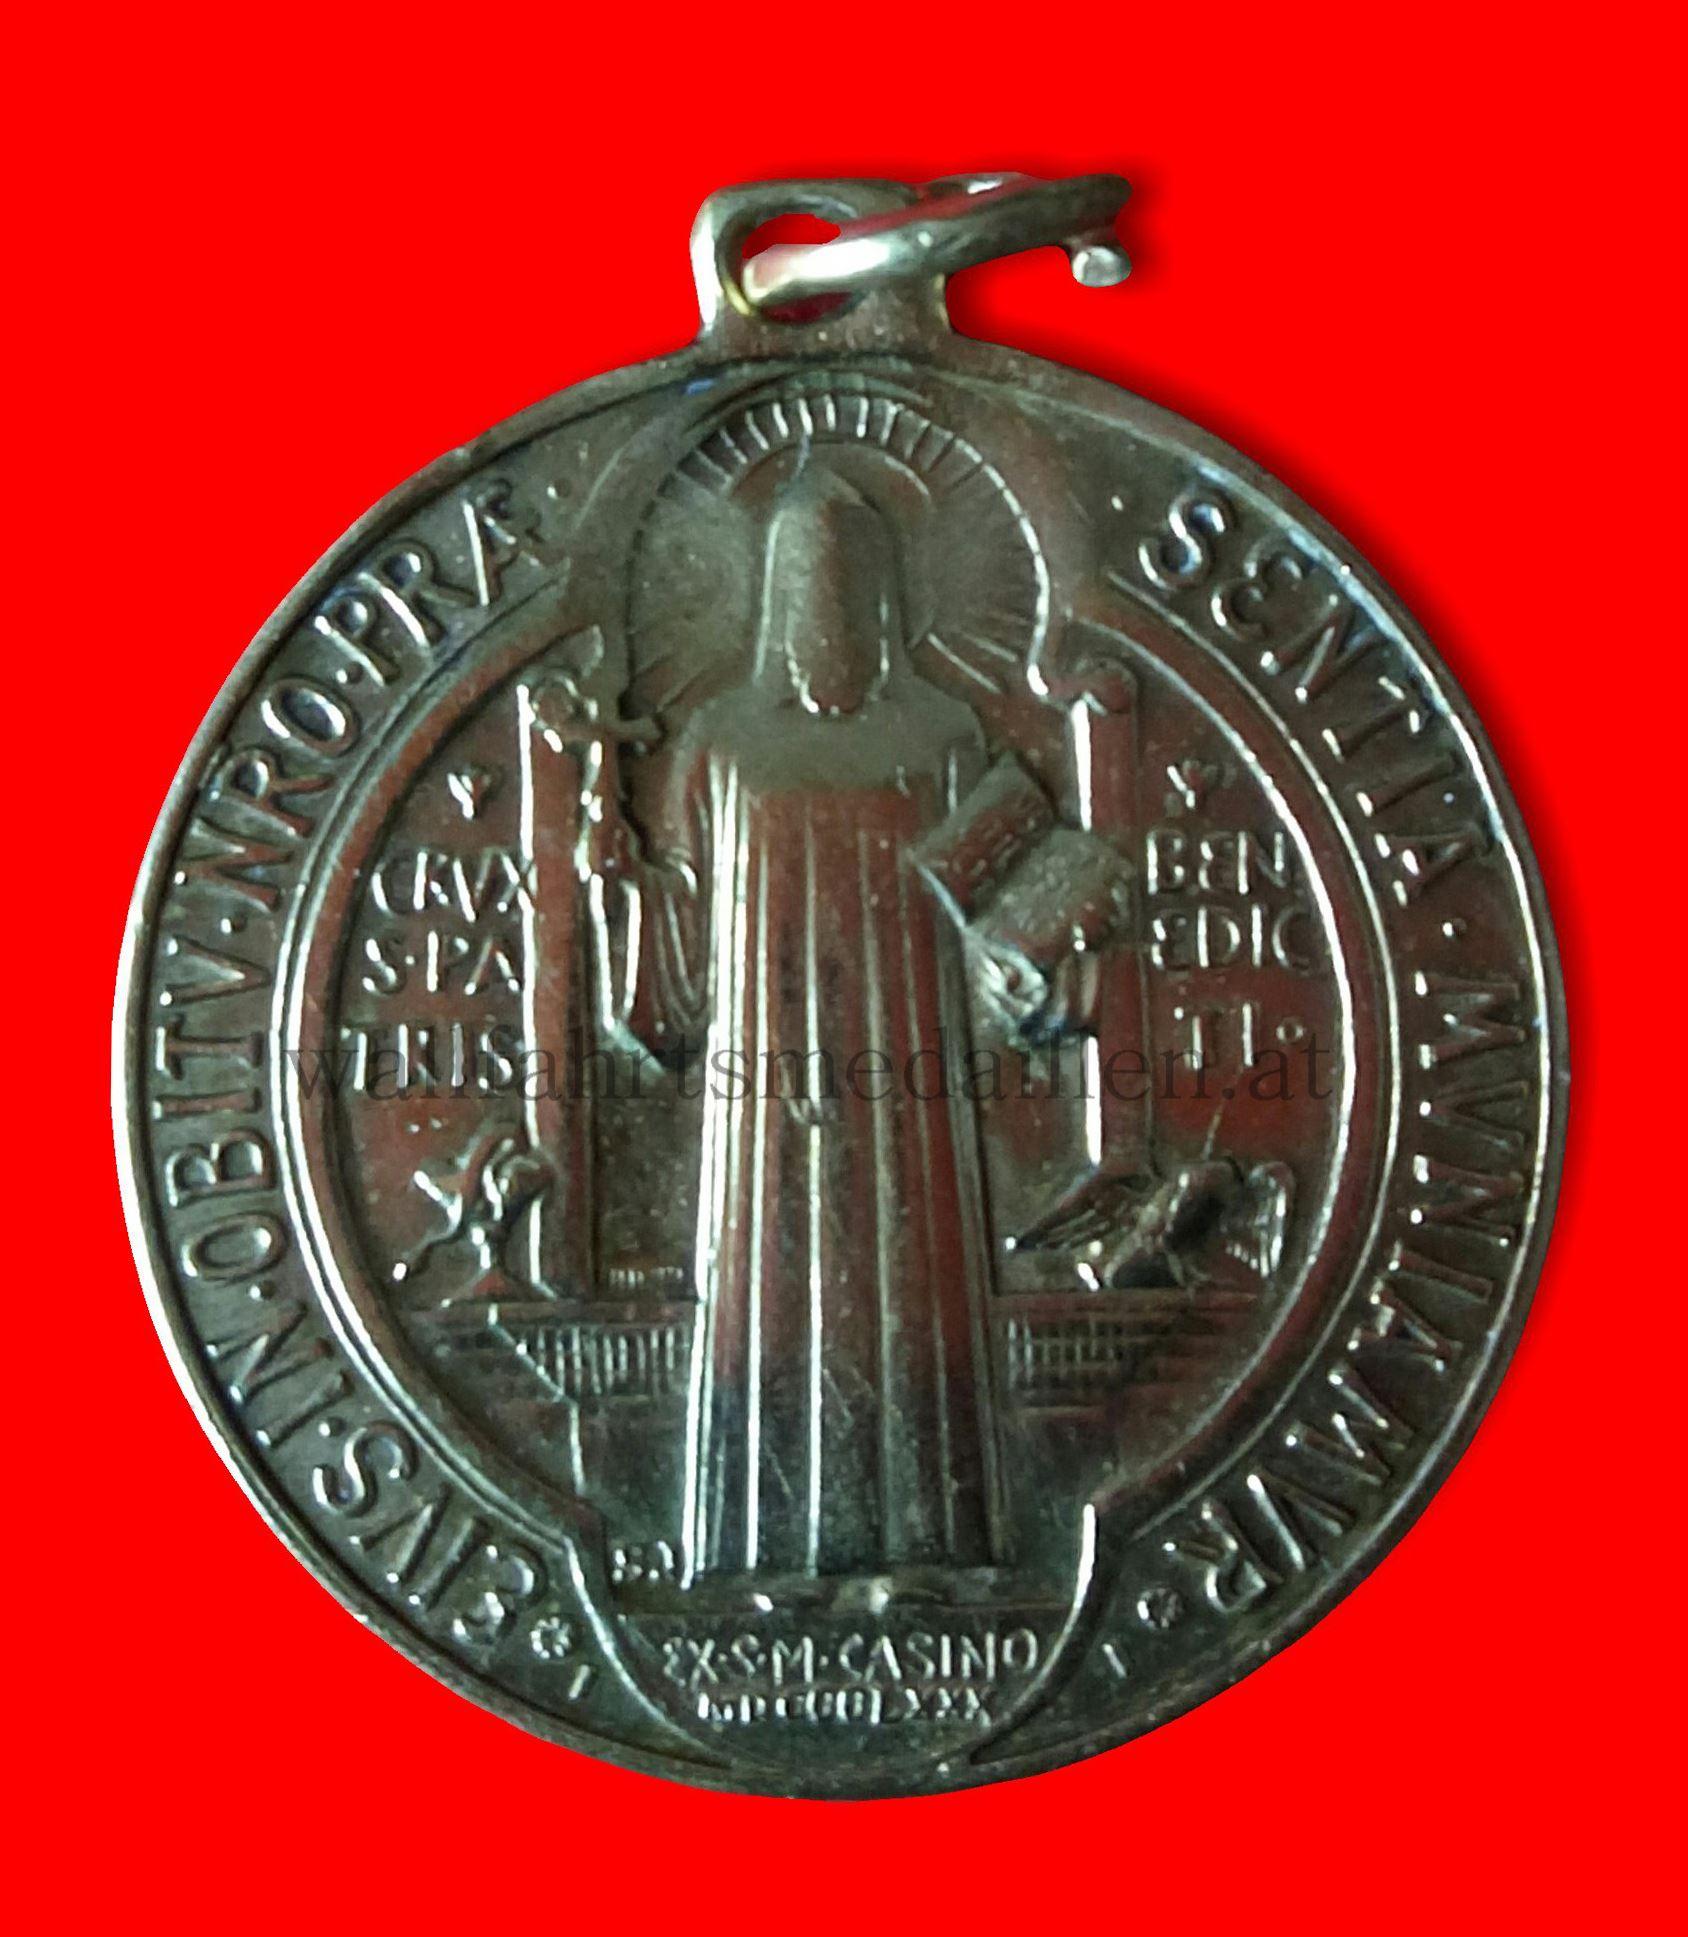 Benediktusmedaille (Jubiläumsmedaille)